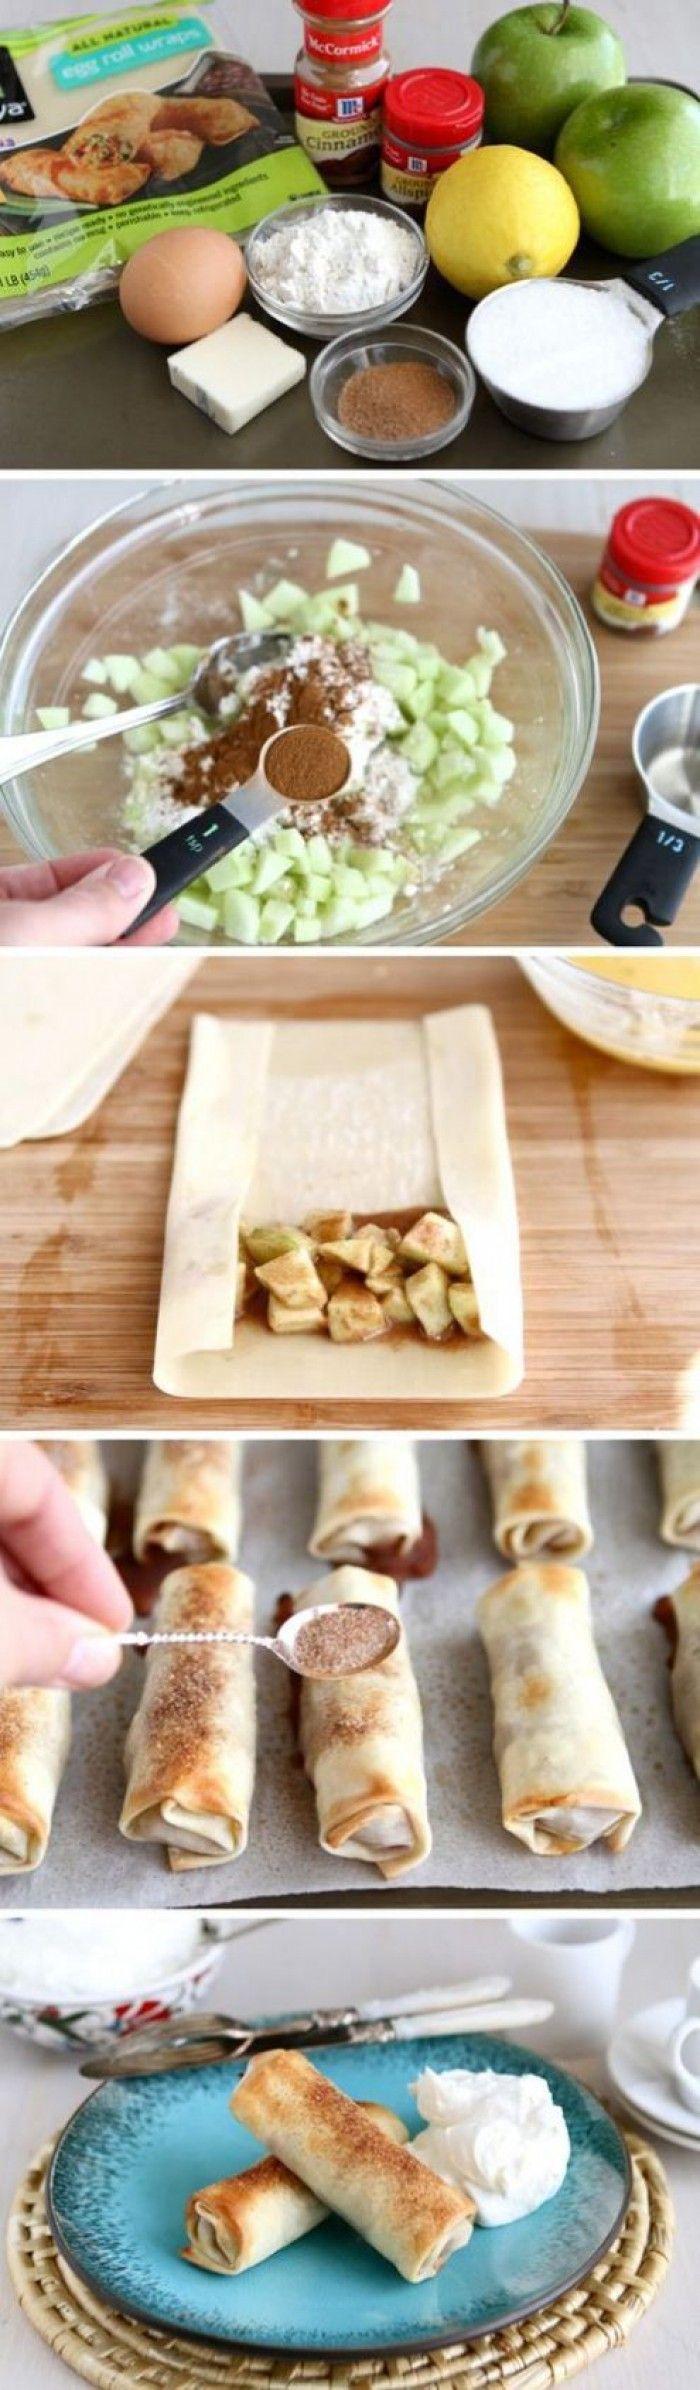 Een andere manier van appeltaart. Oven voorverwarmen 190 graden 1. appel in kleine blokjes snijden 2. Appels, citroensap en suiker mengen in een kom 3. Bloem, kaneel en zout toevoegen 4. Ei breken in aparte kom 5. Filodeeg uitvouwen en randen bestrijken met ei 6. Twee eetlepels appelvulling 7. Oprollen 8. 20 minuten in de oven 190 graden 9. Gesmolten boter insmeren + kaneel/suiker erop doen 10. 5 minuten terug in de oven